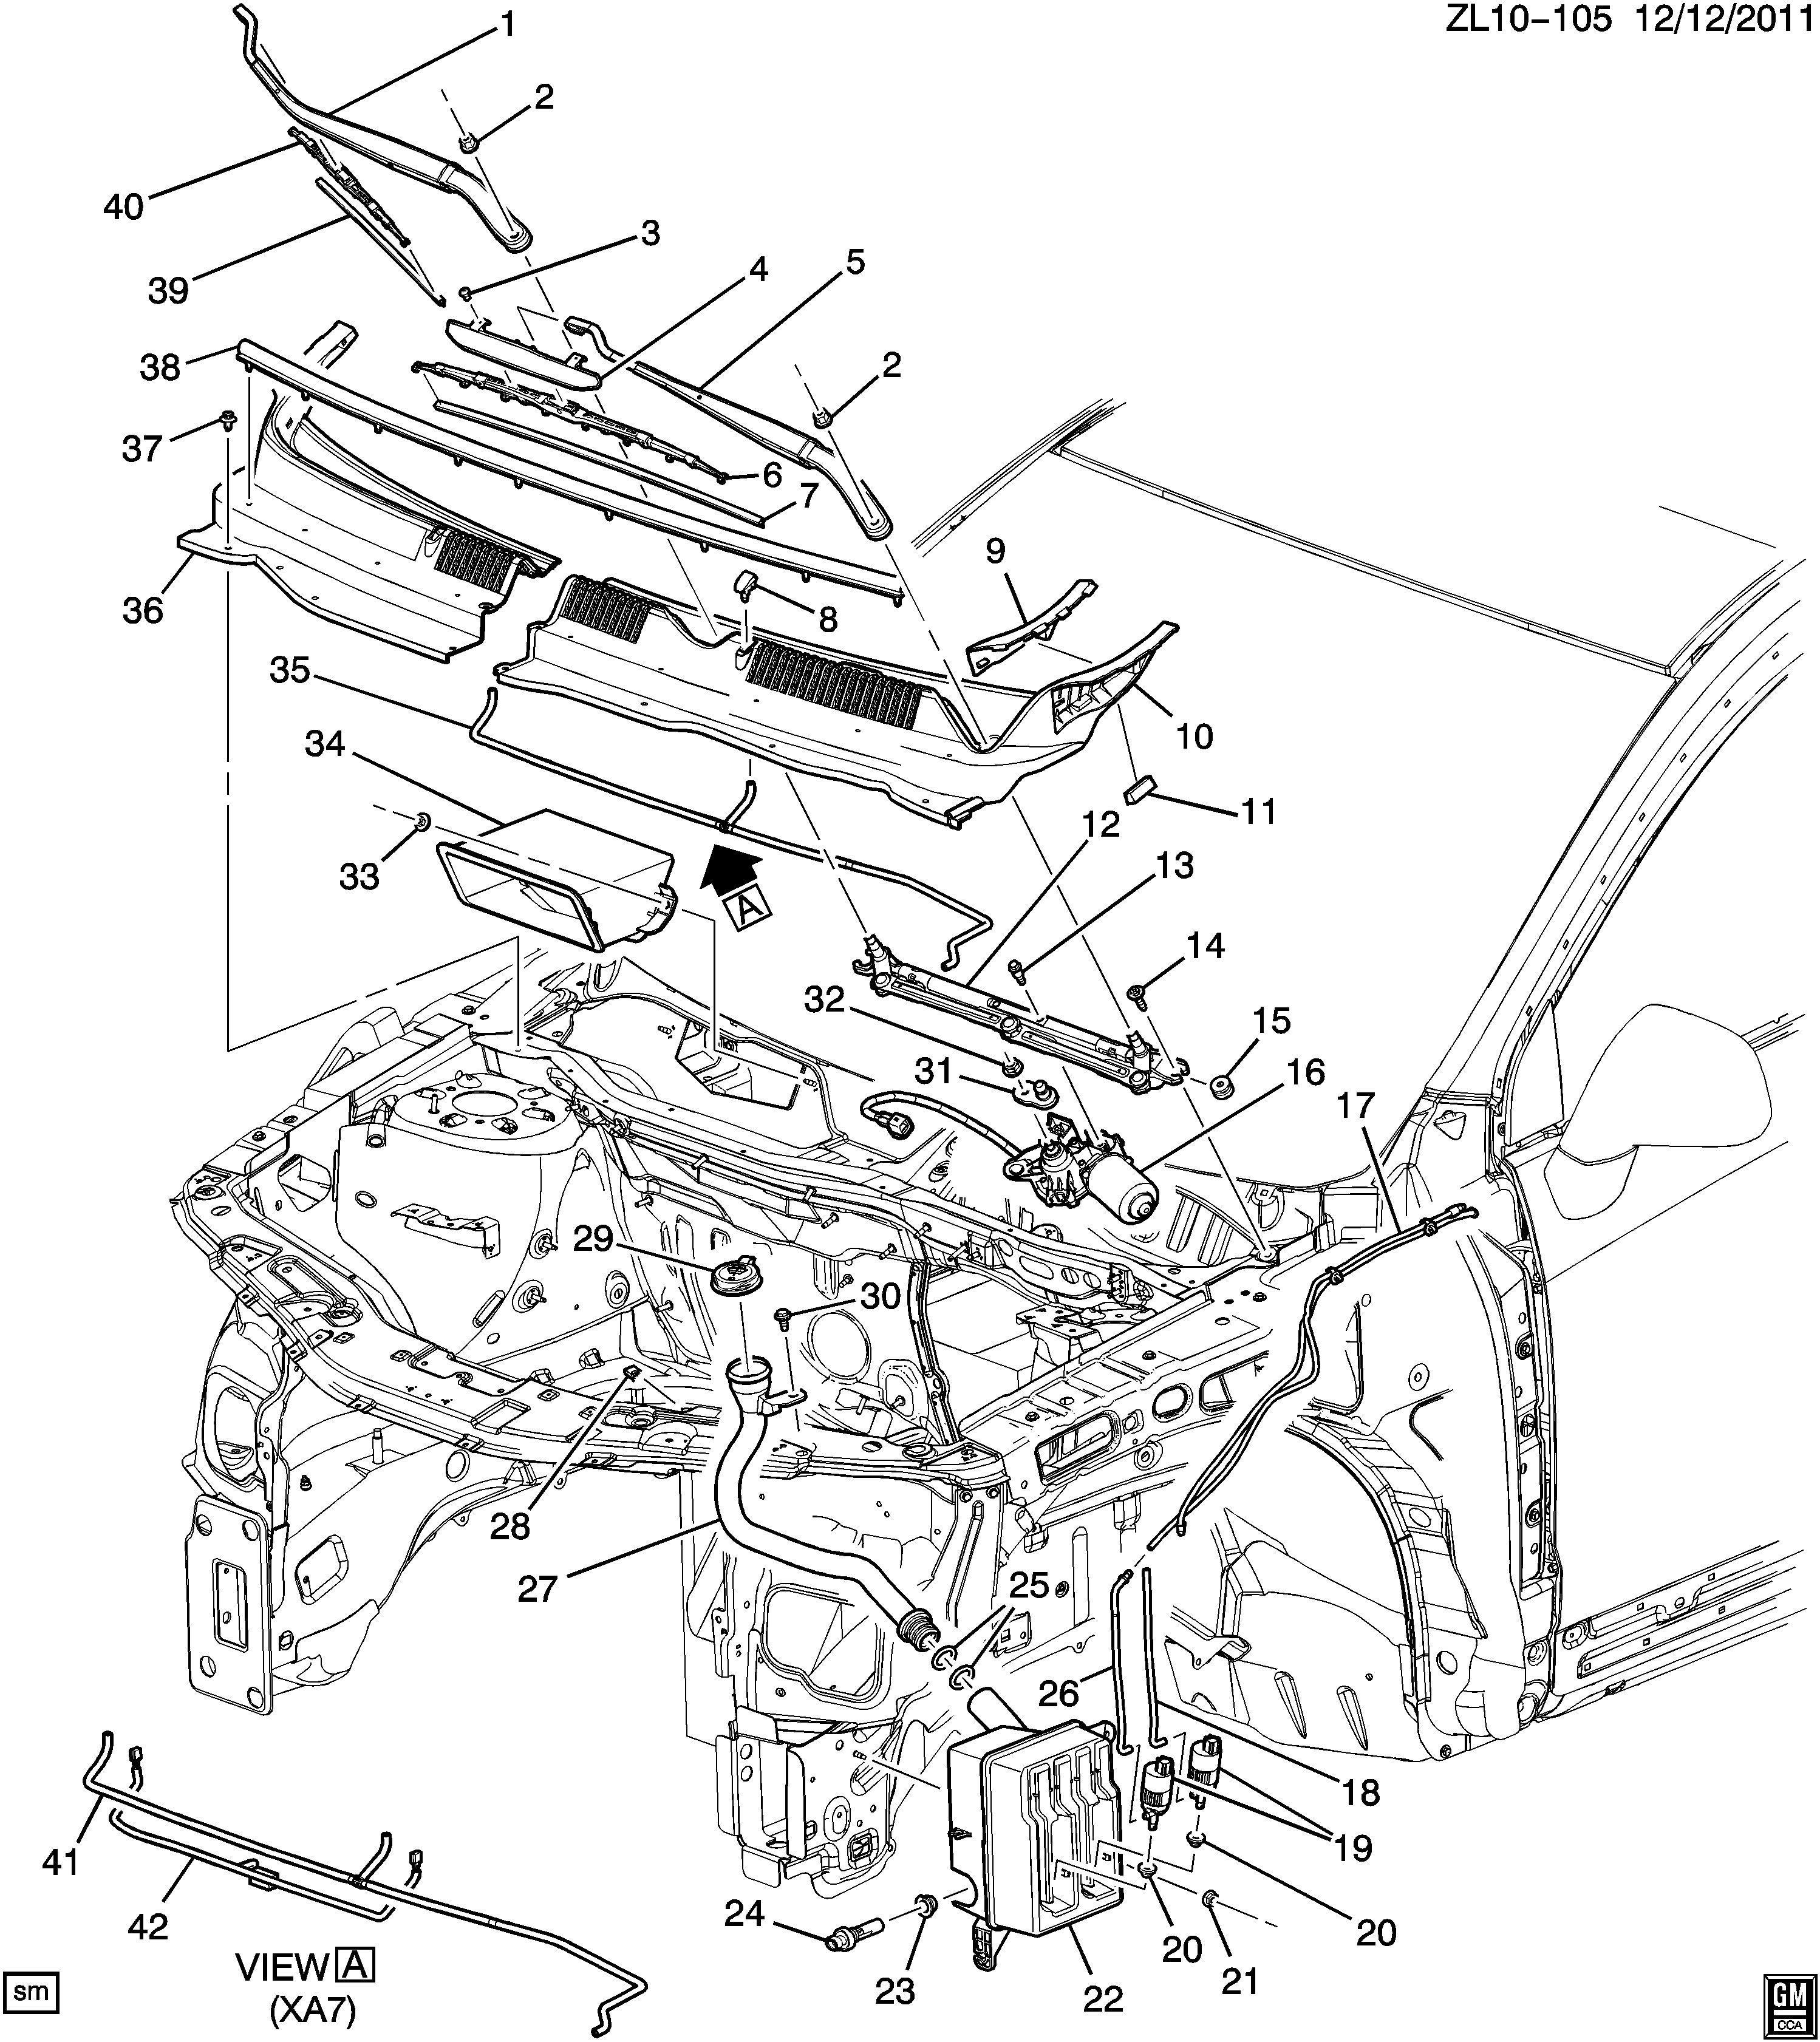 2008 Chevrolet Captiva Motor. Windshield wiper motor